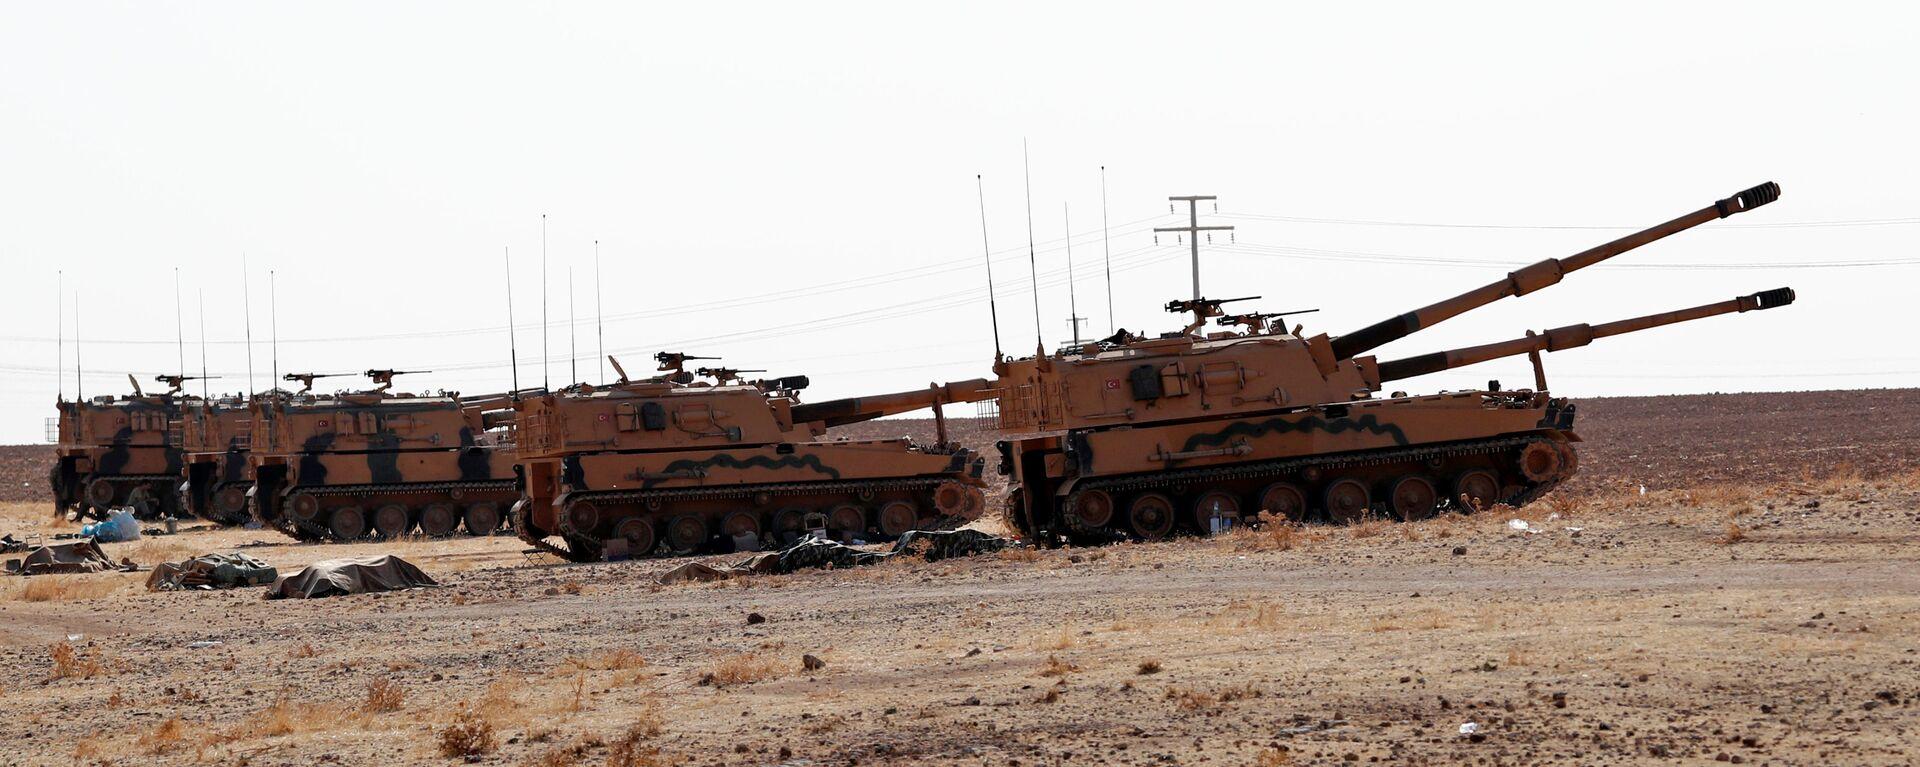 Военные турецкой армии находятся возле турецко-сирийской границы в провинции Шанлыурфа - Sputnik Таджикистан, 1920, 01.07.2021